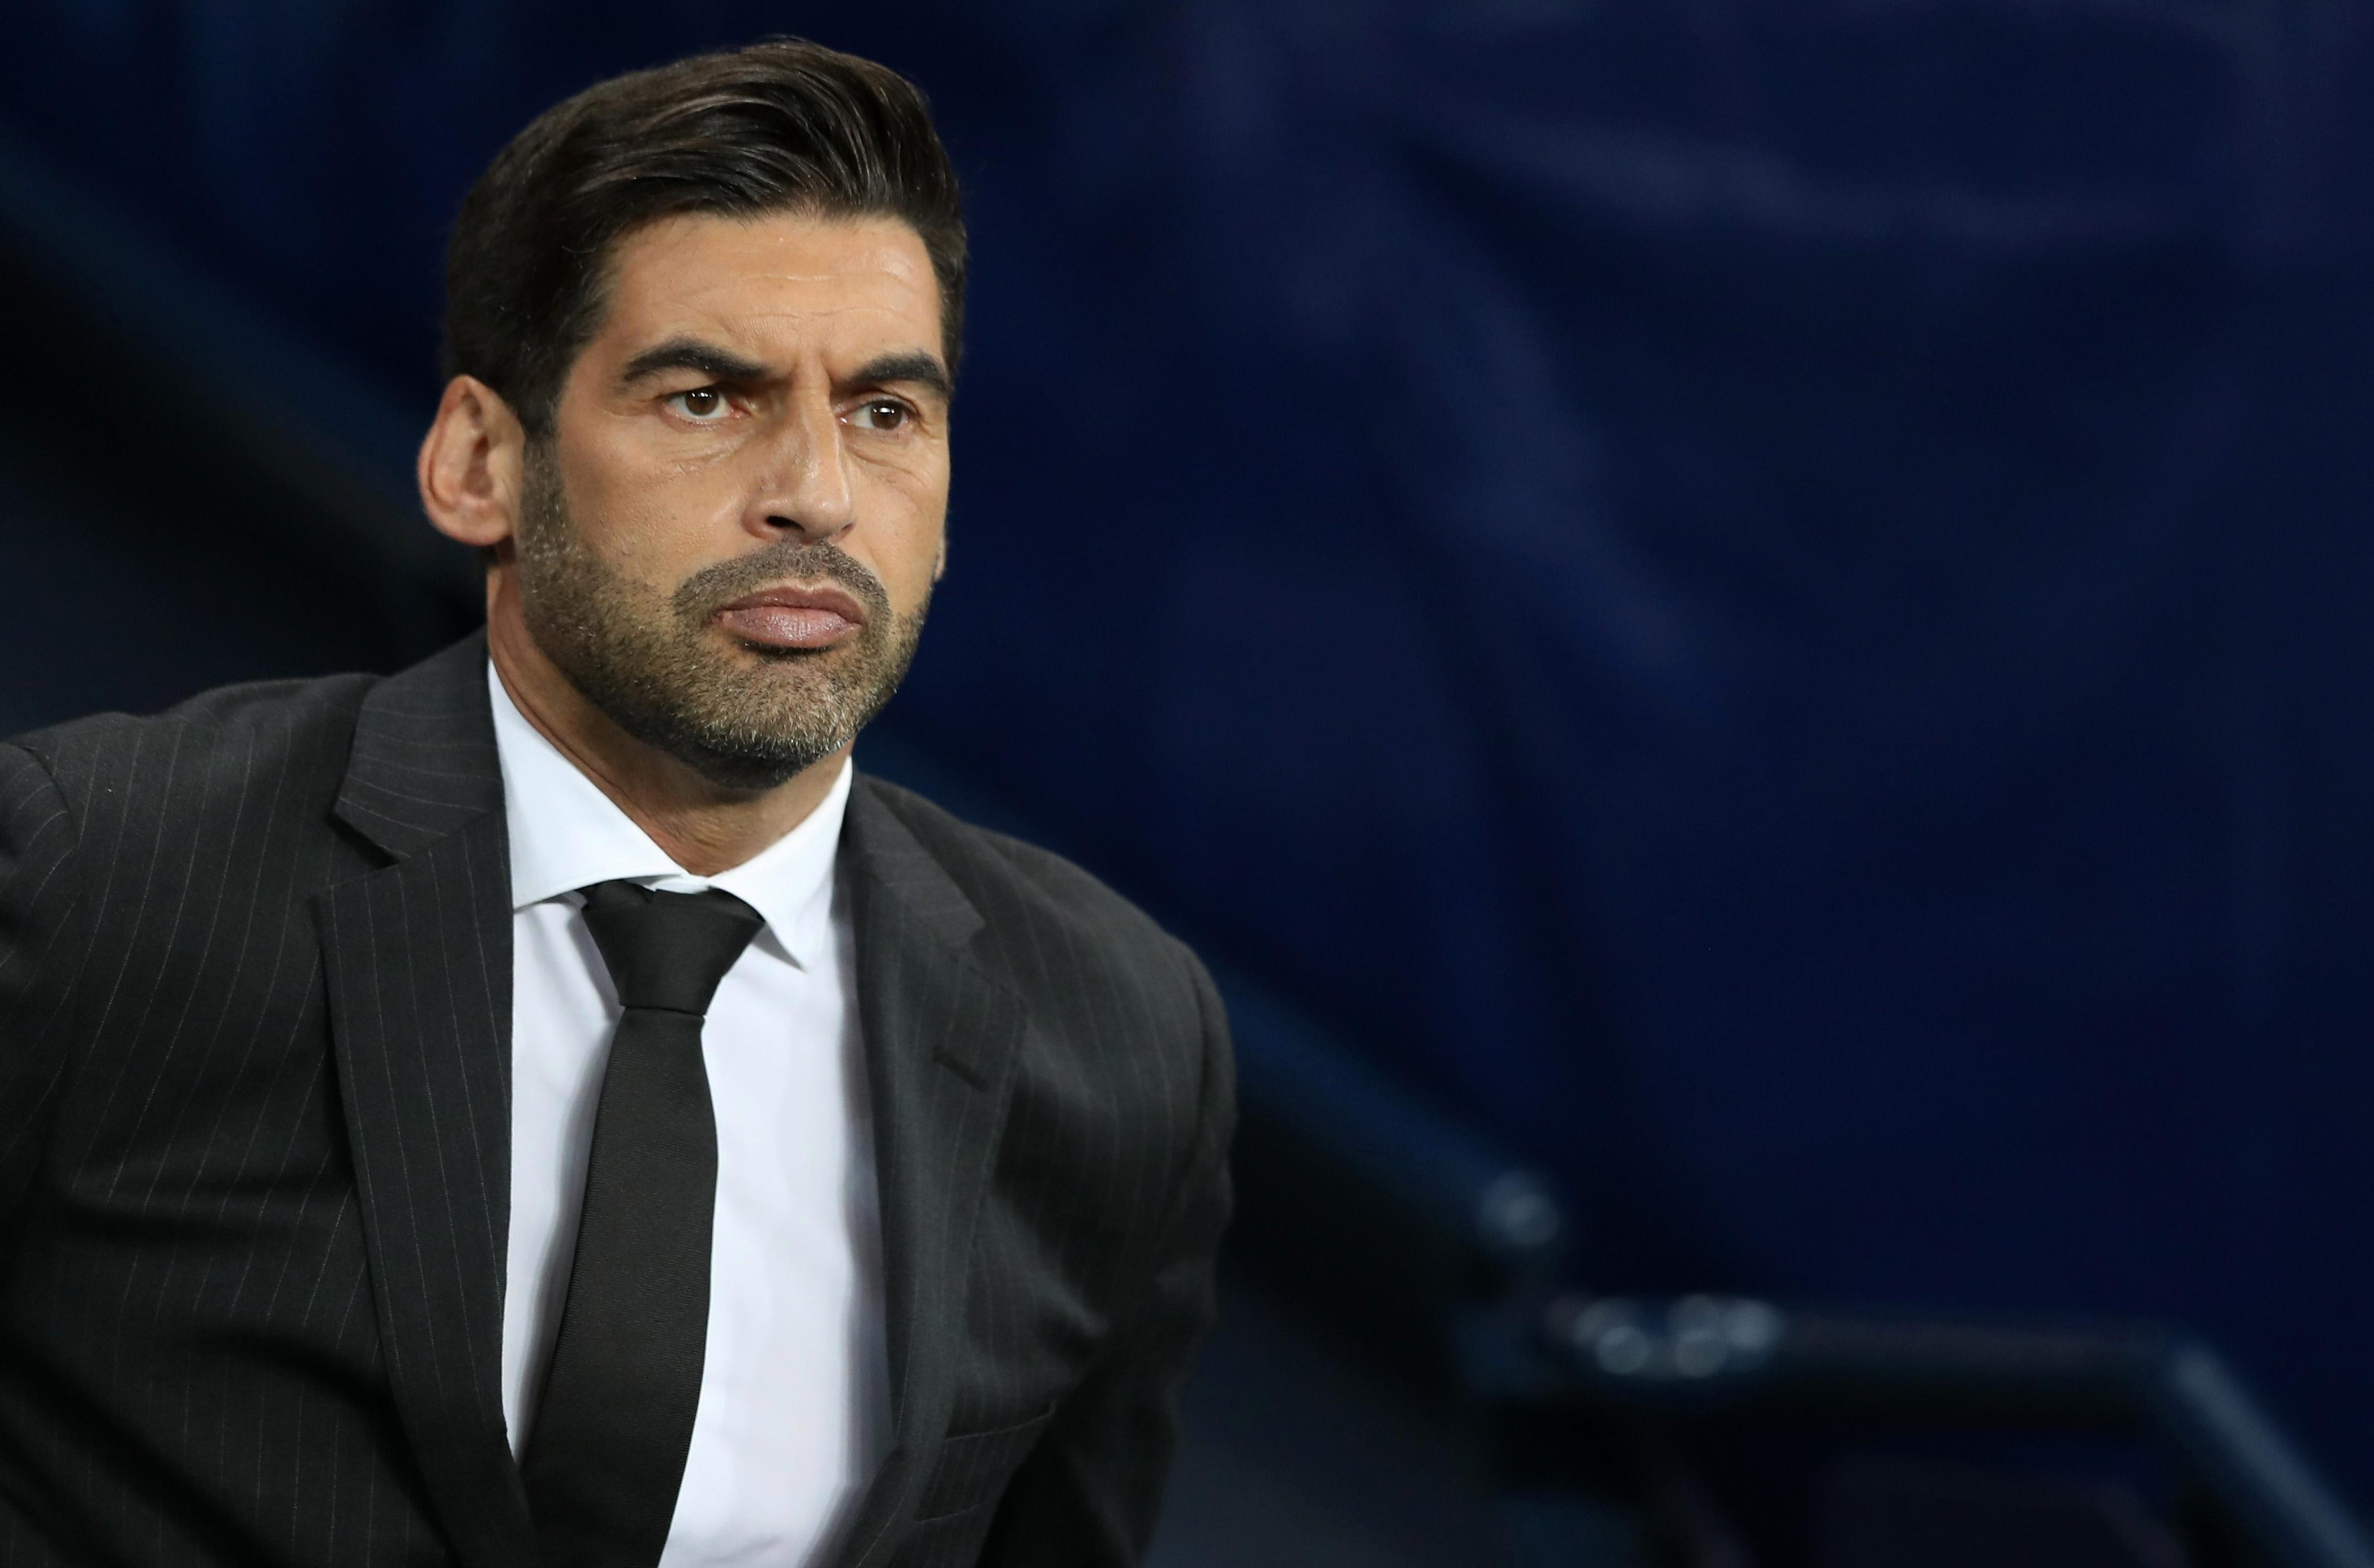 Son dakika | Fenerbahçe'nin yeni teknik direktörü Paulo Fonseca oldu